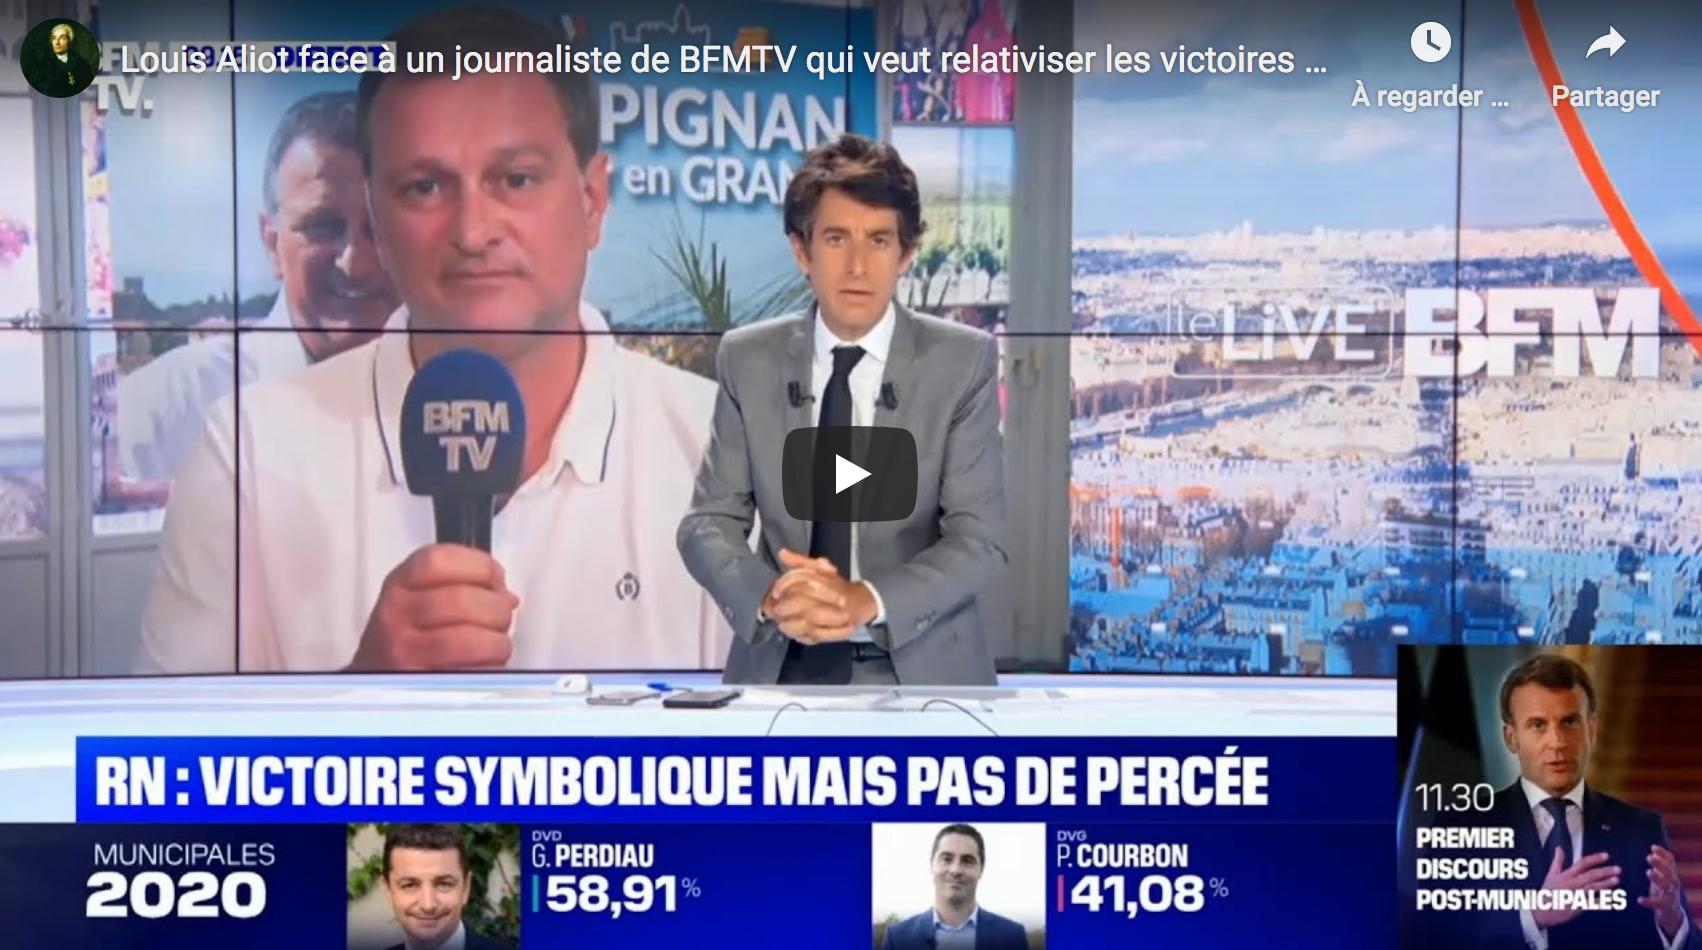 Louis Aliot face à un journaliste de BFMTV qui veut relativiser les victoires du RN… (VIDÉO)